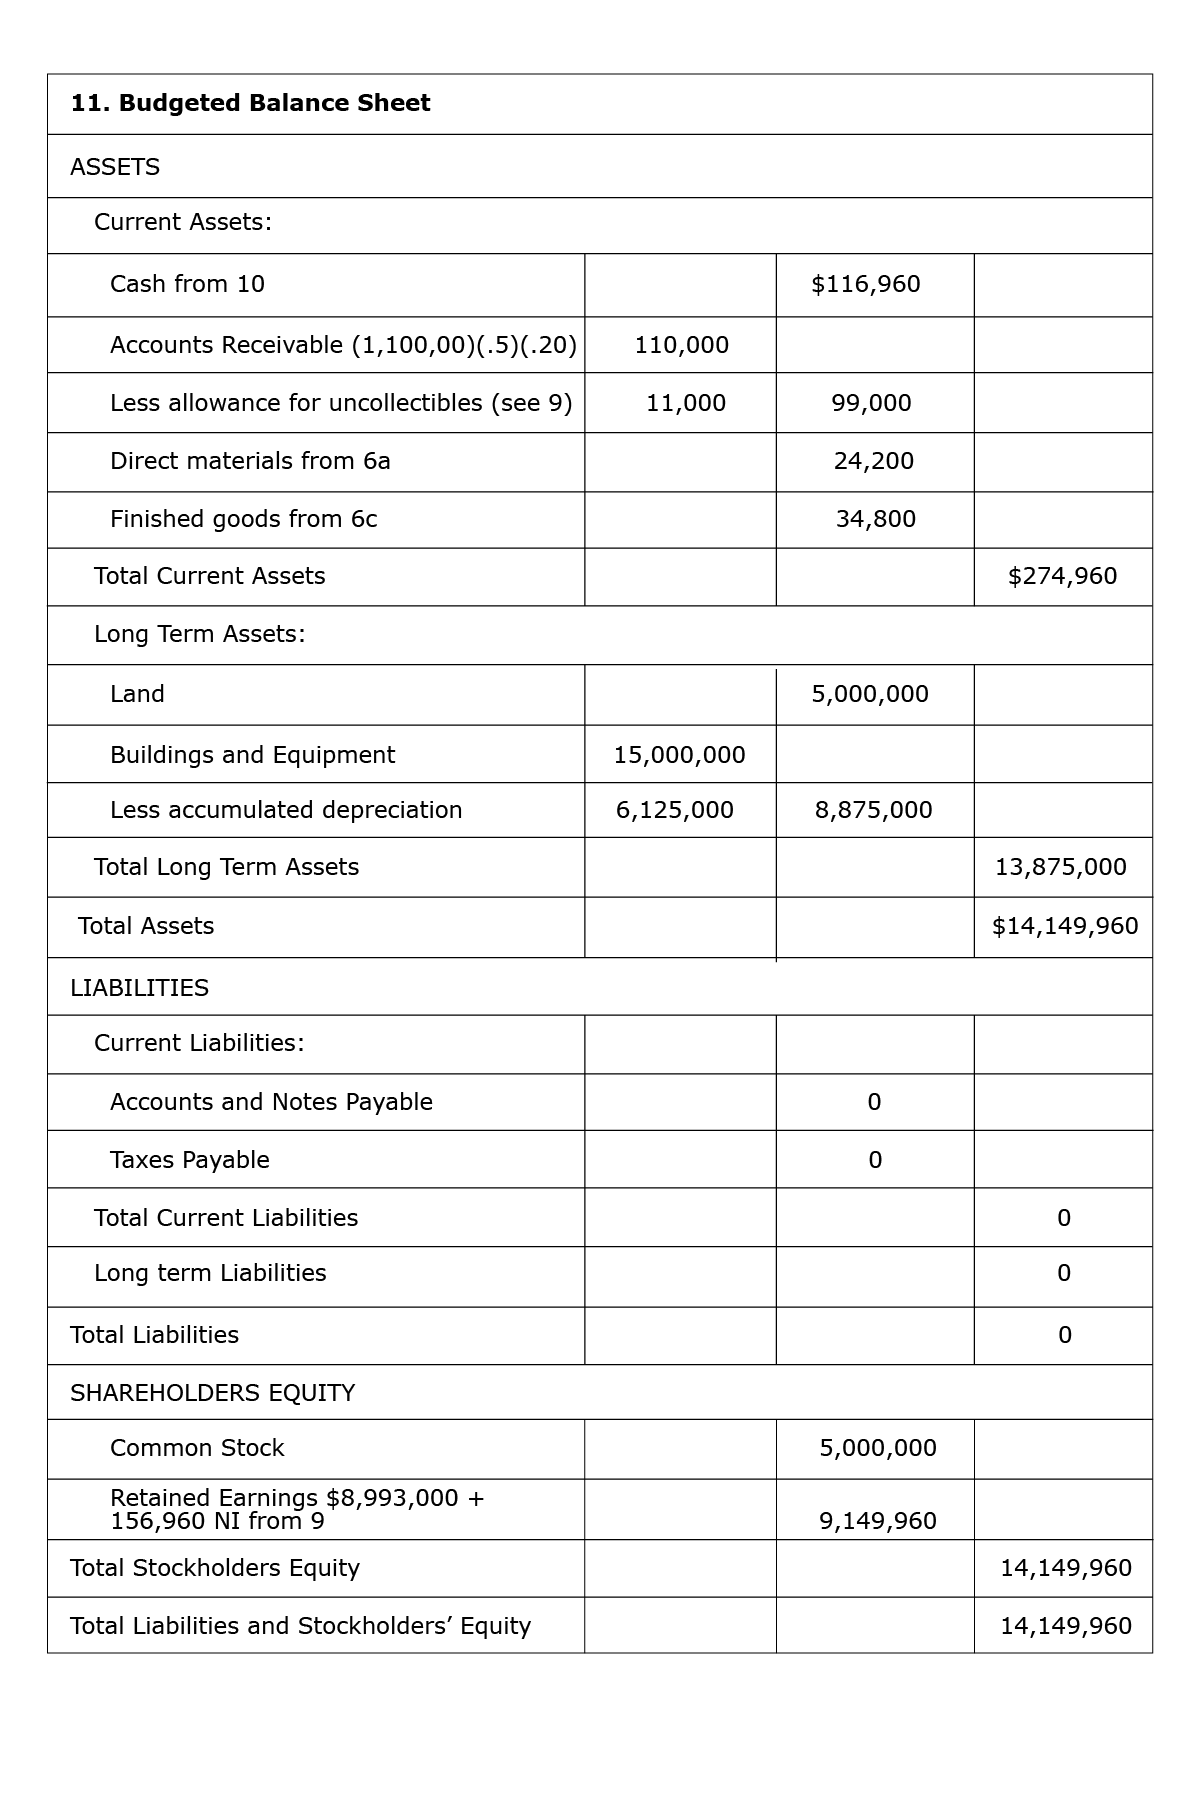 Screenshot of budgeted balance sheet